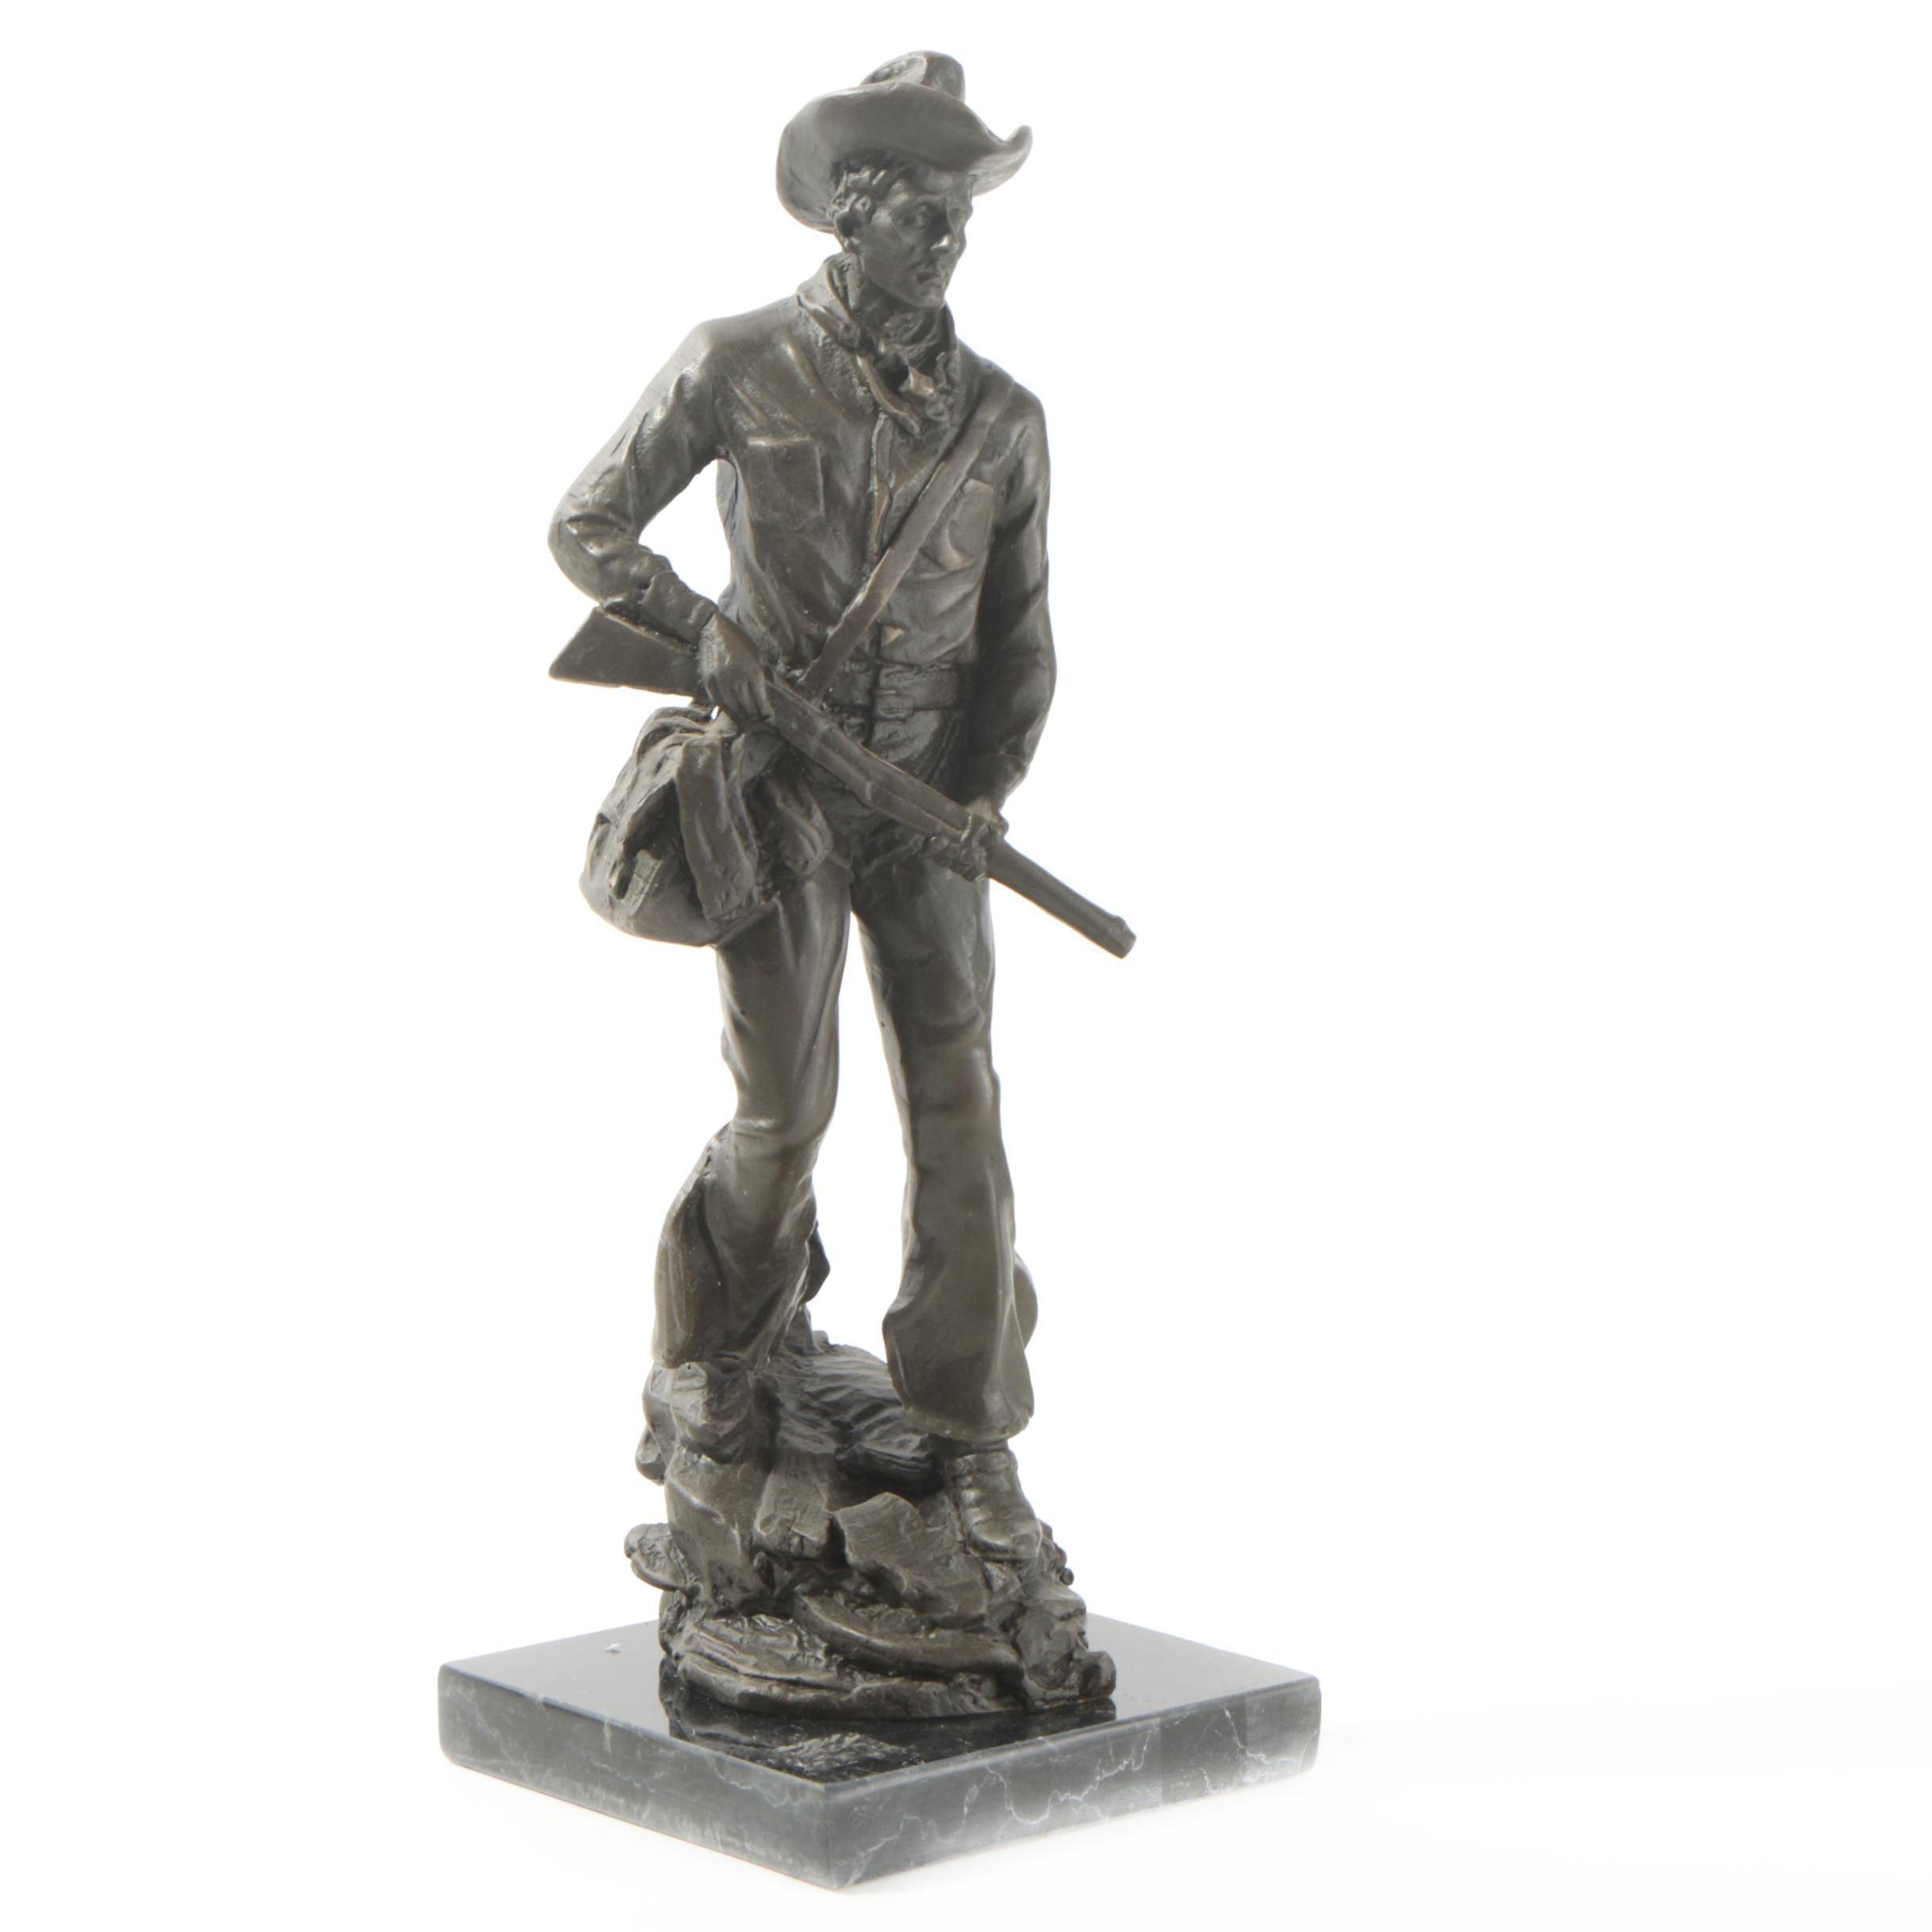 Bronze-Tone Cowboy Sculpture